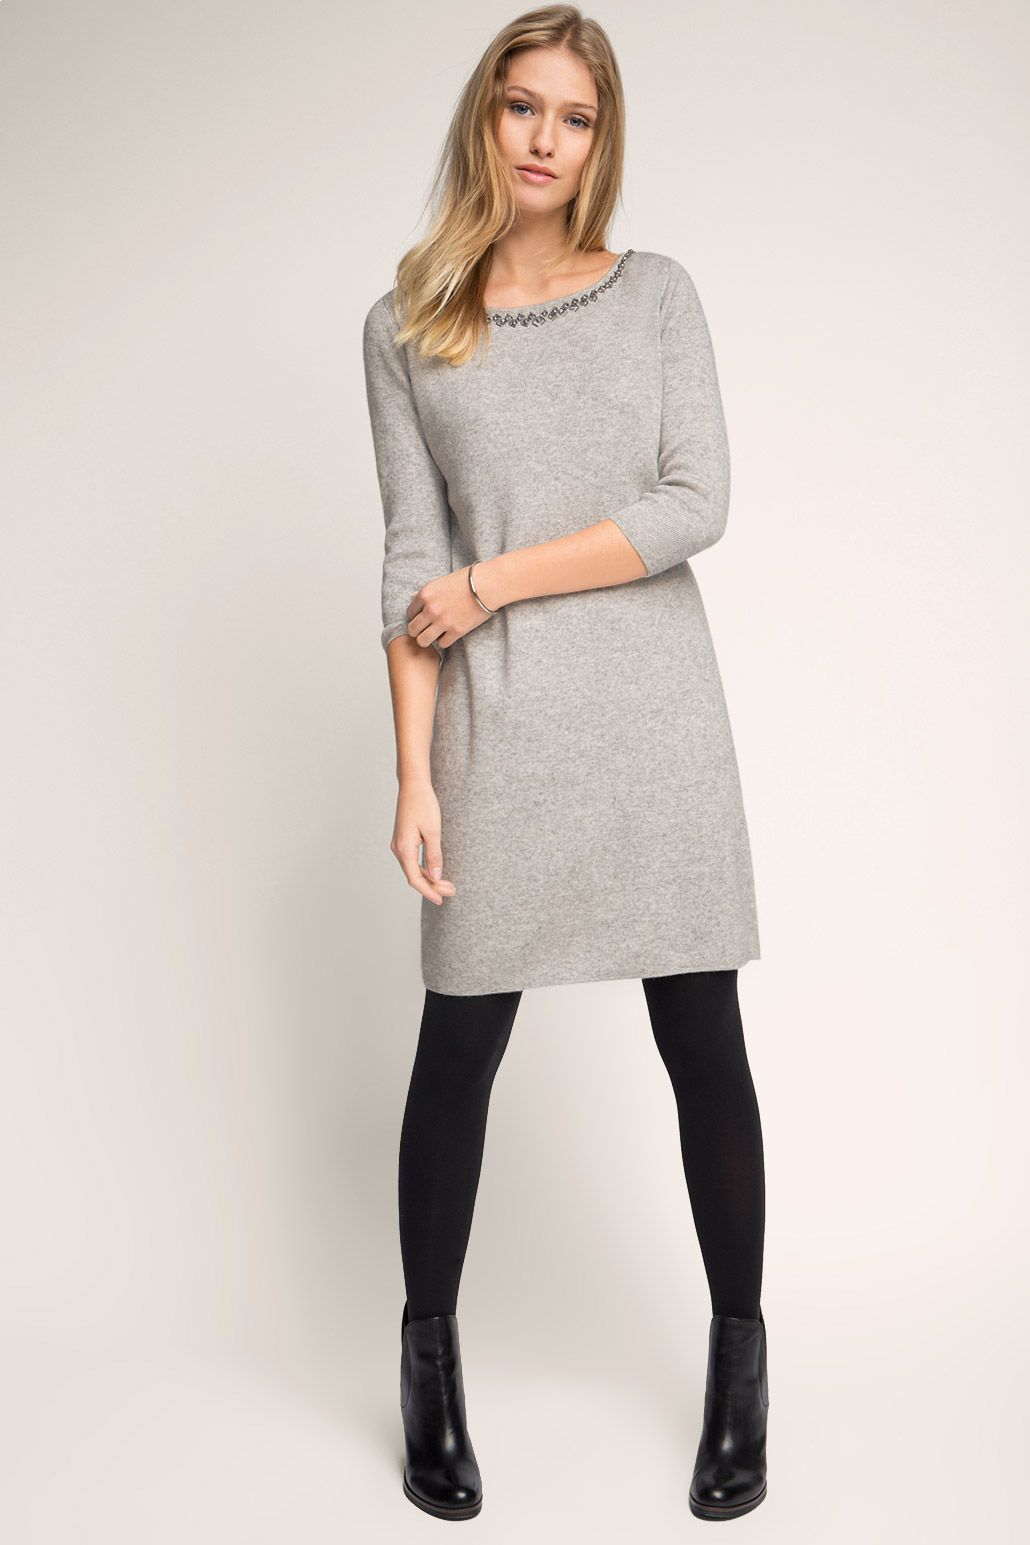 Esprit - Glamour Feinstrick-Kleid mit Kaschmir im Online ...